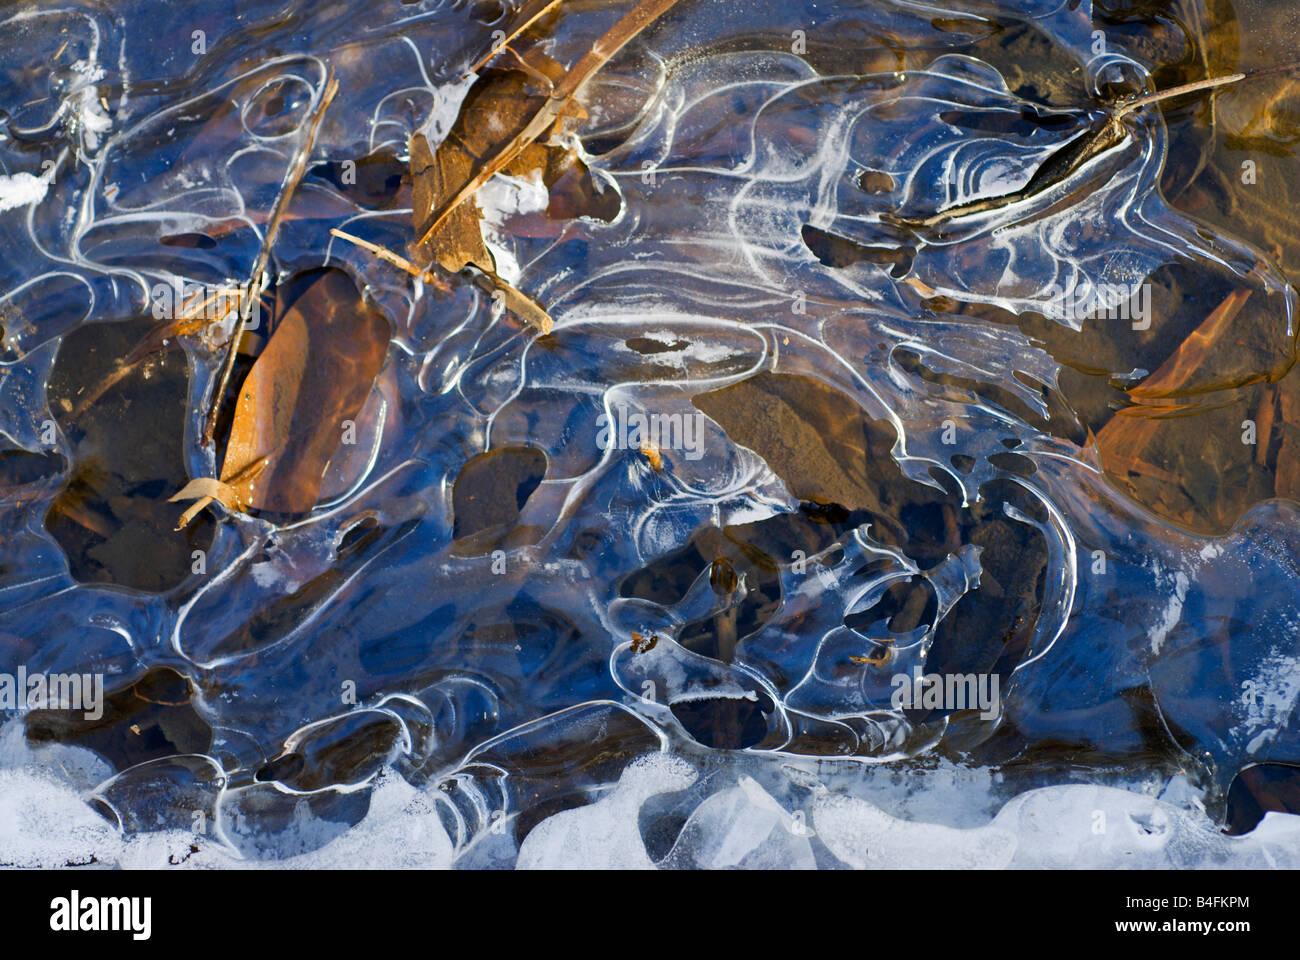 Una fina capa de hielo en una ensenada de la Bahía de Chesapeake. Imagen De Stock